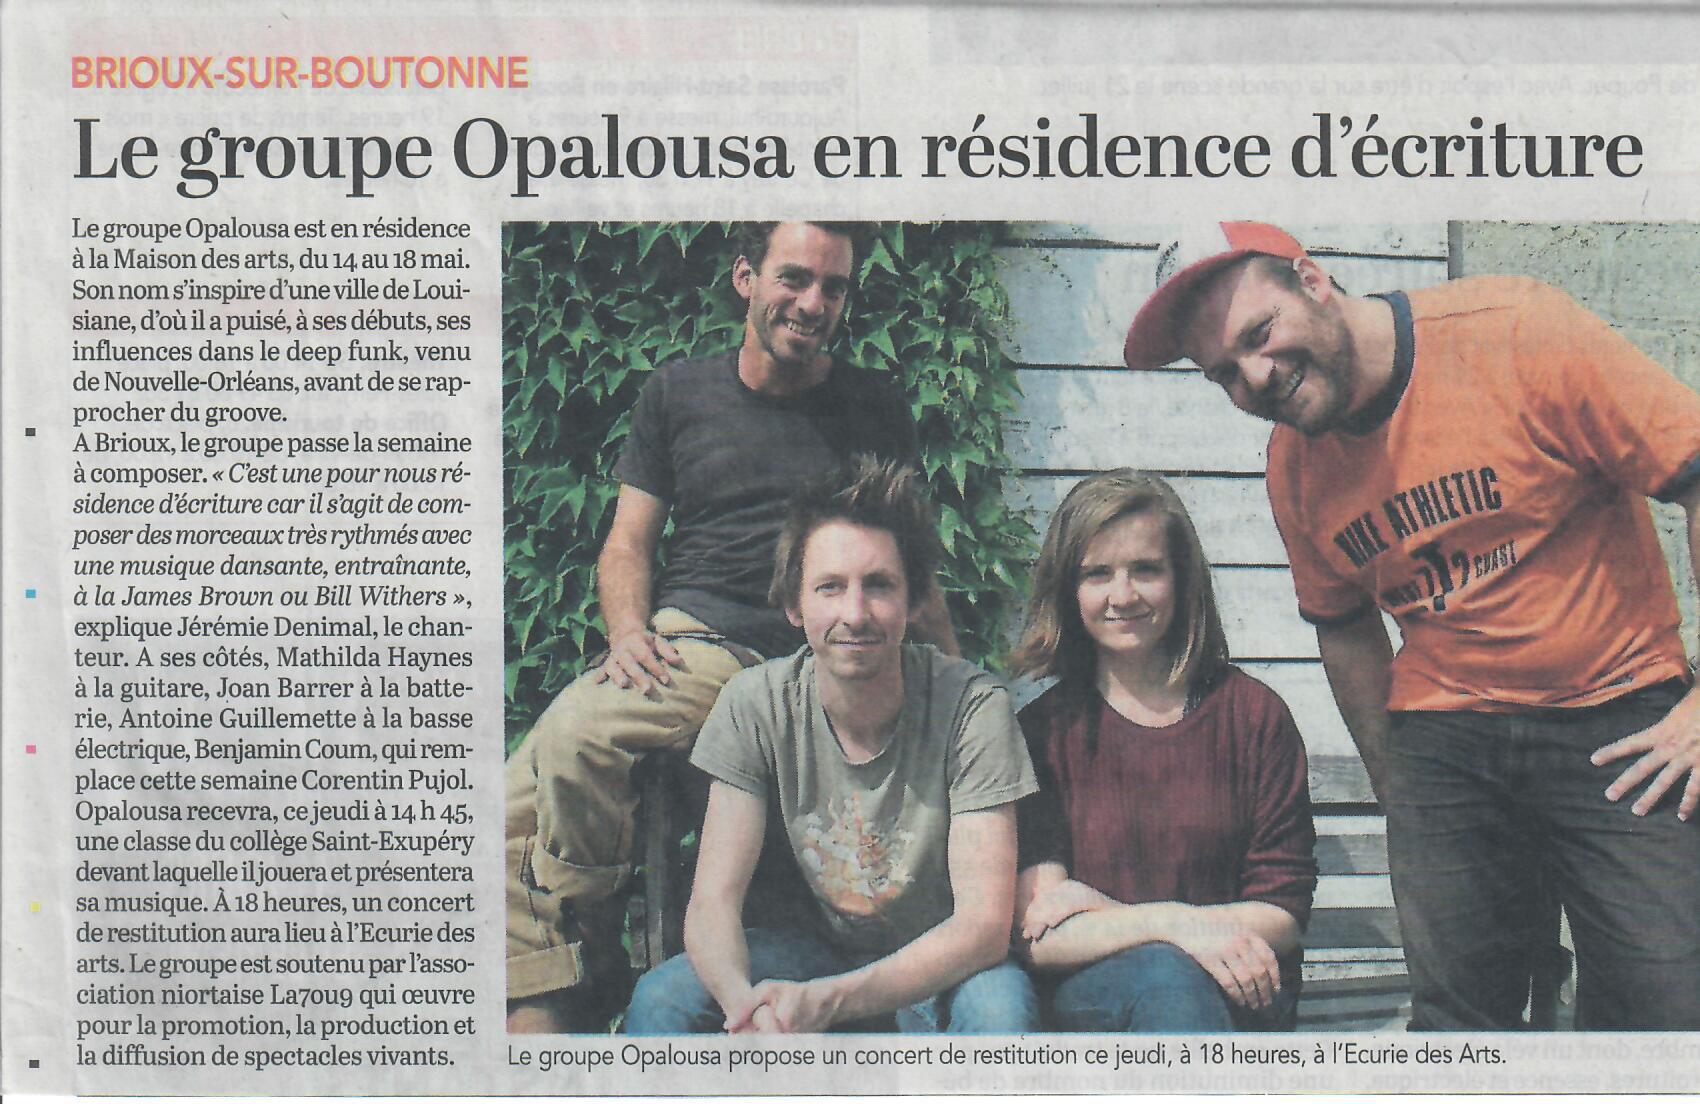 Opalousa_1ère_résidence